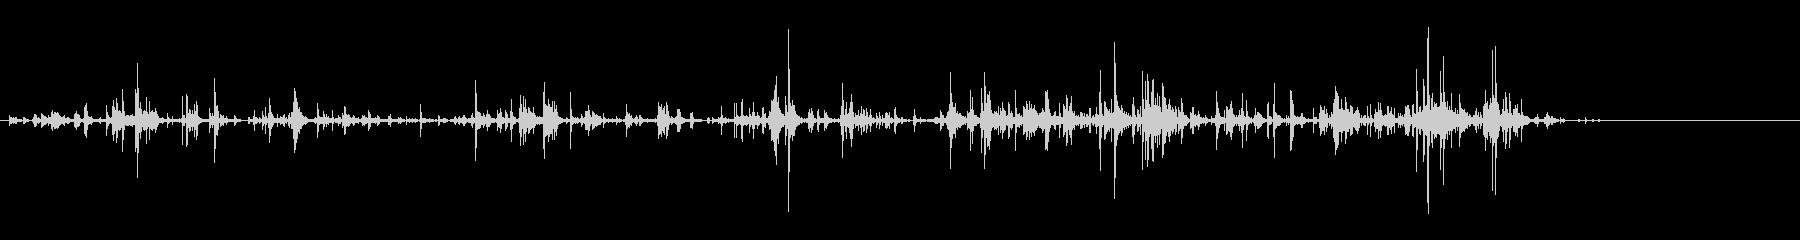 「カラカラ〜」ウッドチャイムの渇いた音の未再生の波形